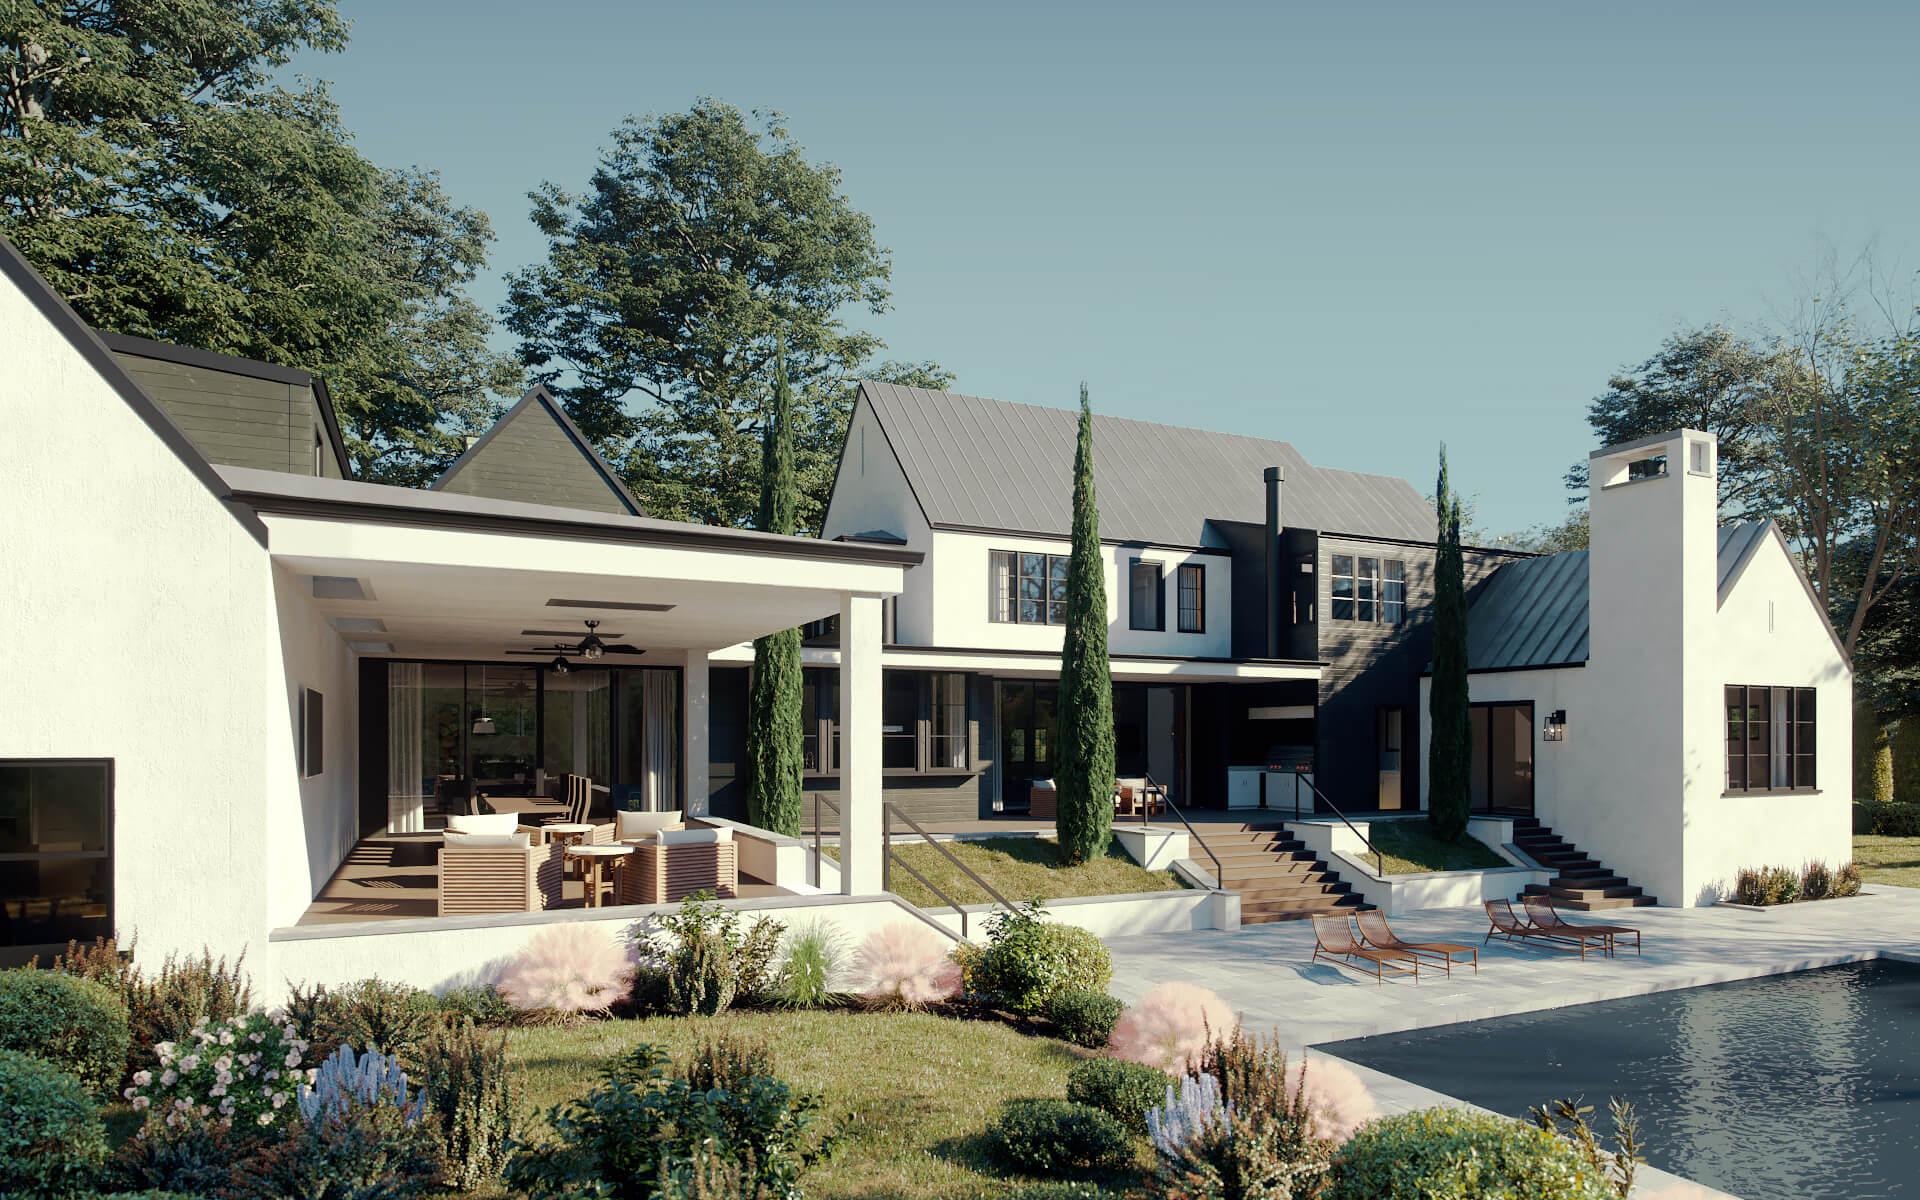 3D Exterior Visualization of a Villa